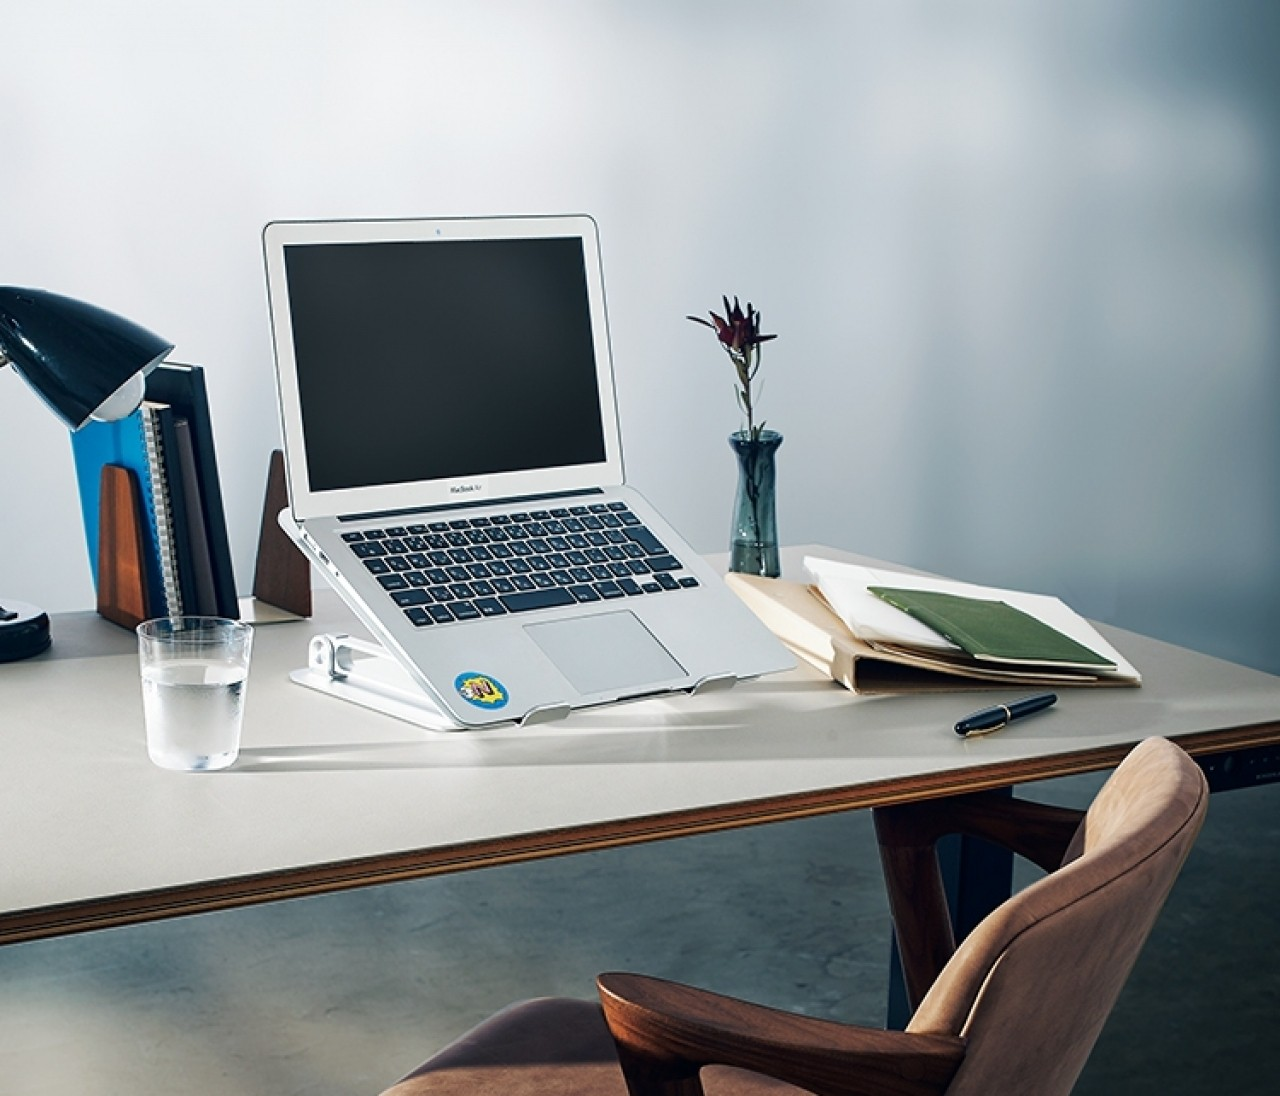 在宅ワークに役立つ!電動デスクからリングライトまでプロのおすすめ家具&インテリア11選【おうち名品アワード1】